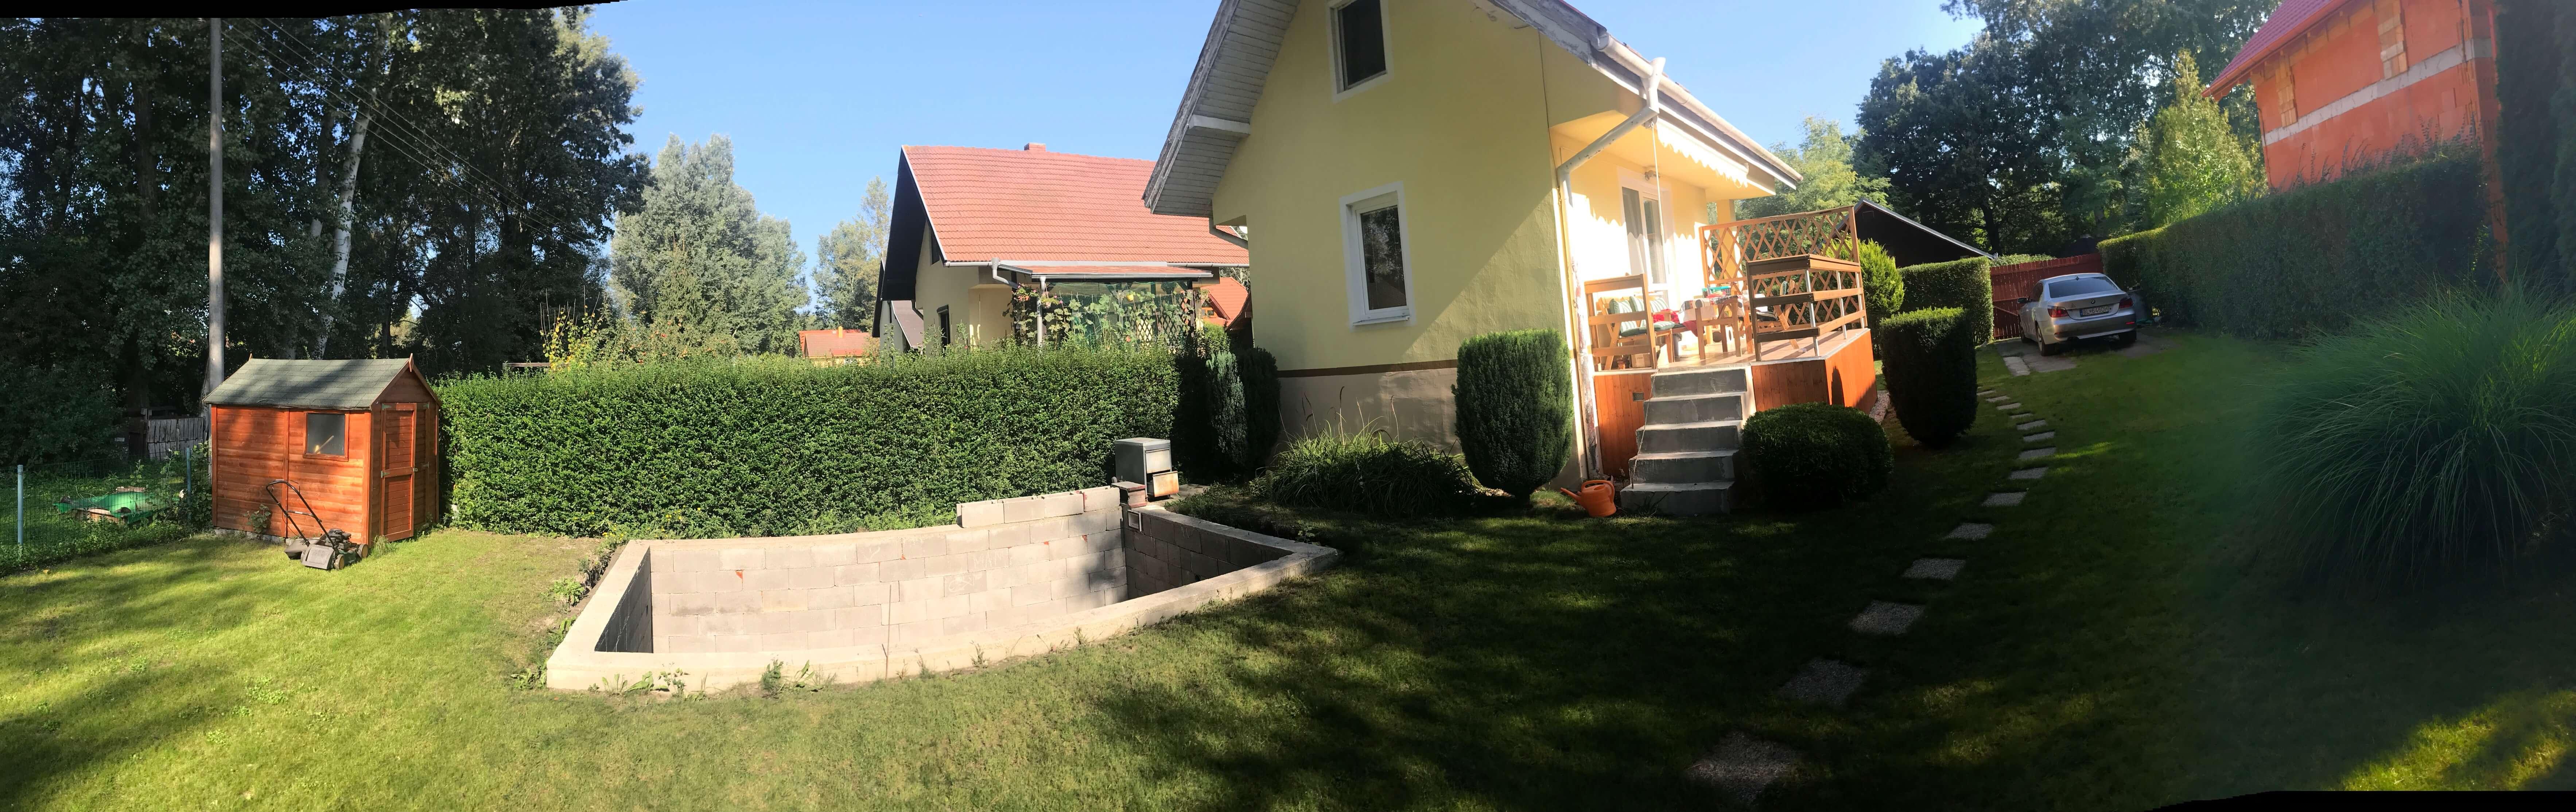 Predané: Exkluzívne 3 izbová chata o výmere 70m2 s 300m2 pozemkom, 2 podložná, v Gabčíkove pri hrádzi, kompe-3